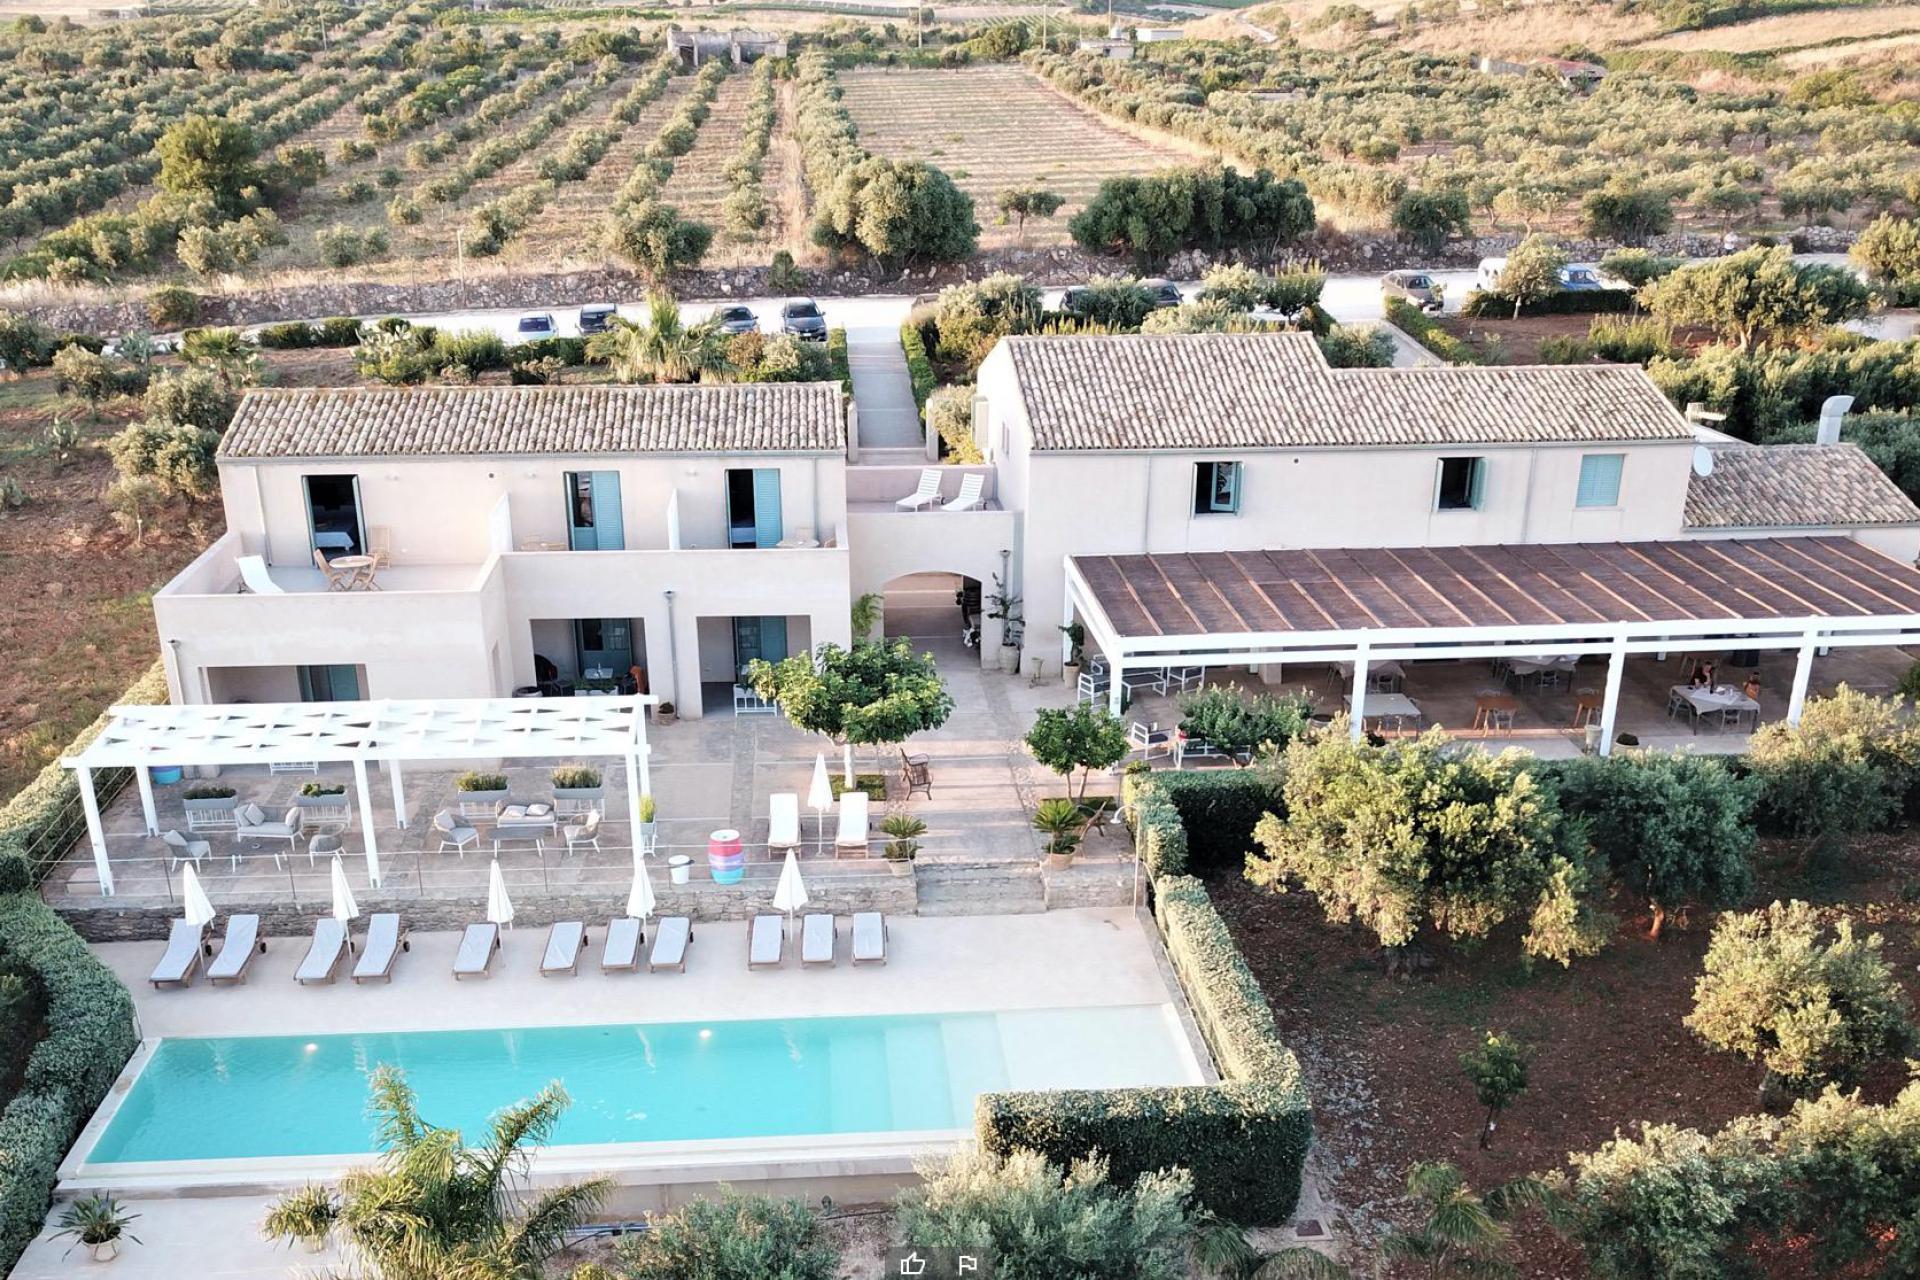 Agriturismo Sicilia Agriturismo accogliente con ristorante in Sicilia, vicino al mare